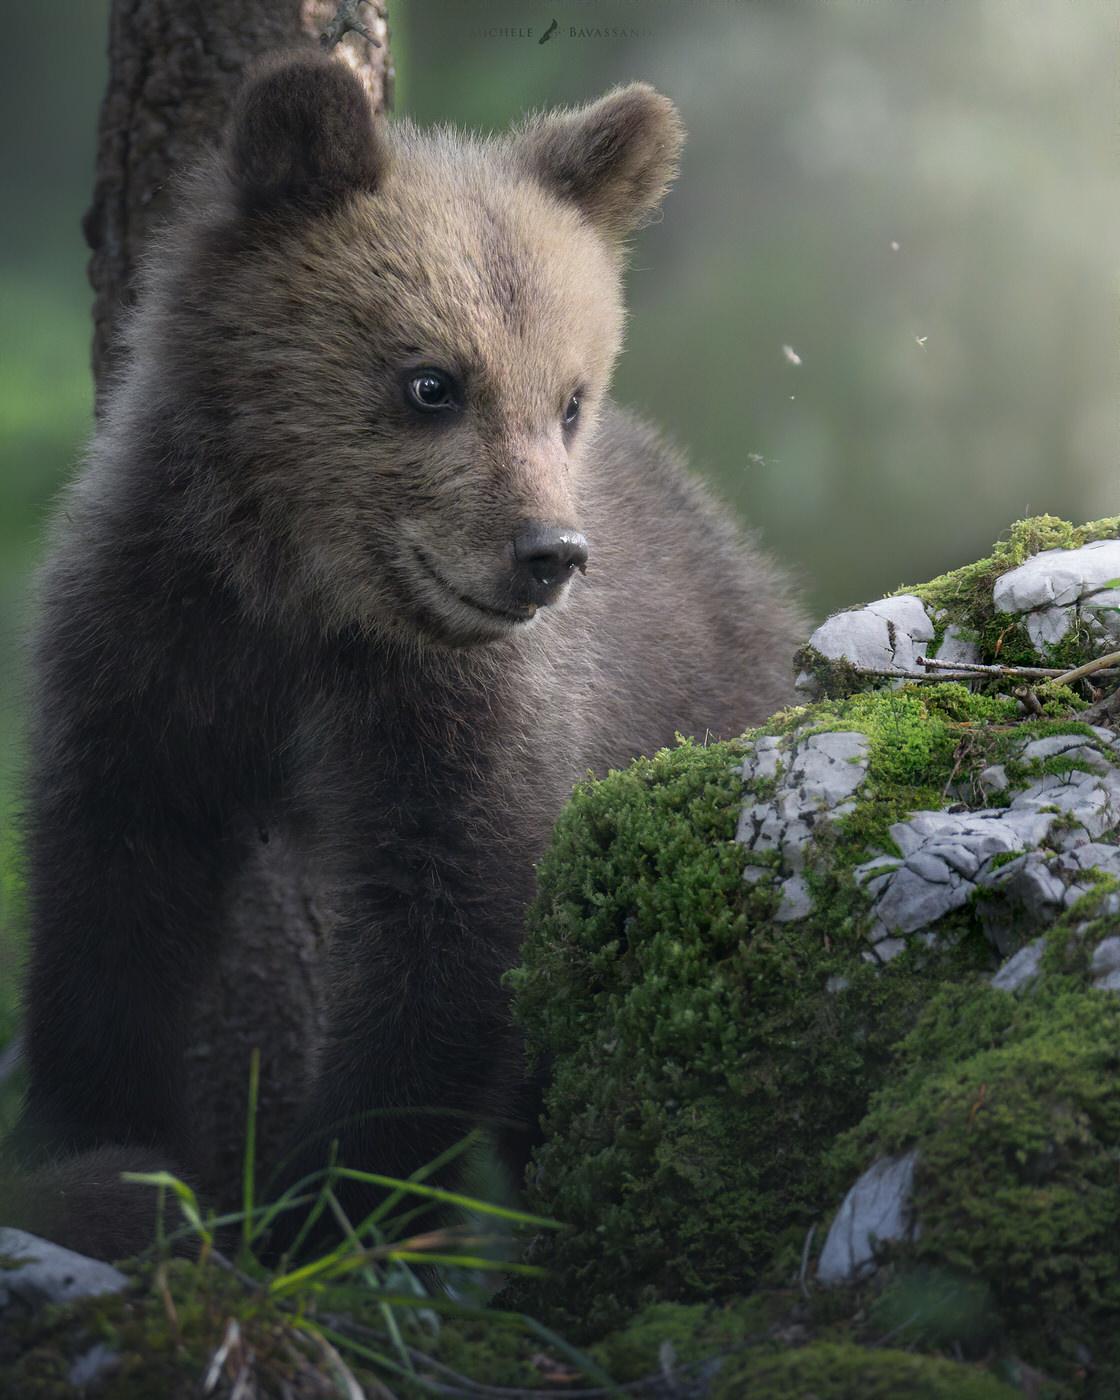 Cucciolo di orso bruno slovenia viaggio fotografico